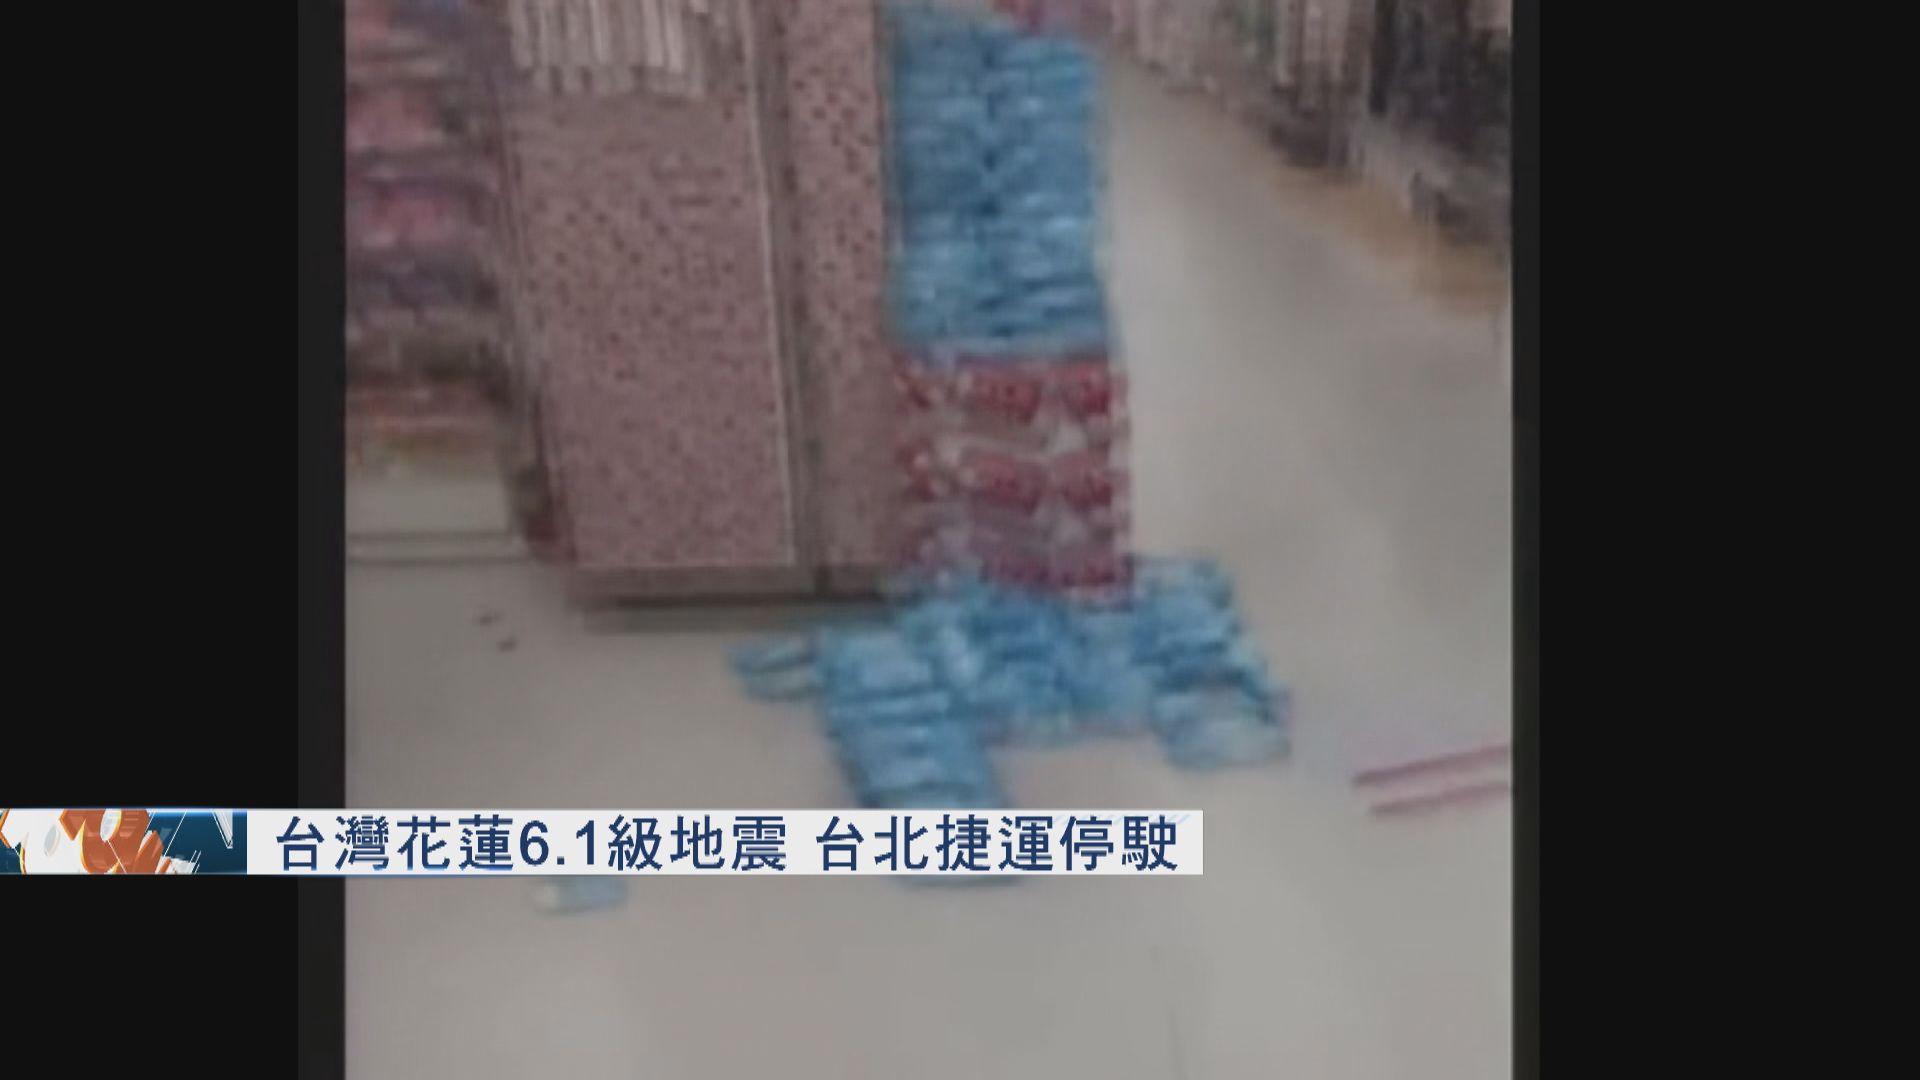 台灣花蓮6.1級地震 太魯閣園區兩遊客受傷